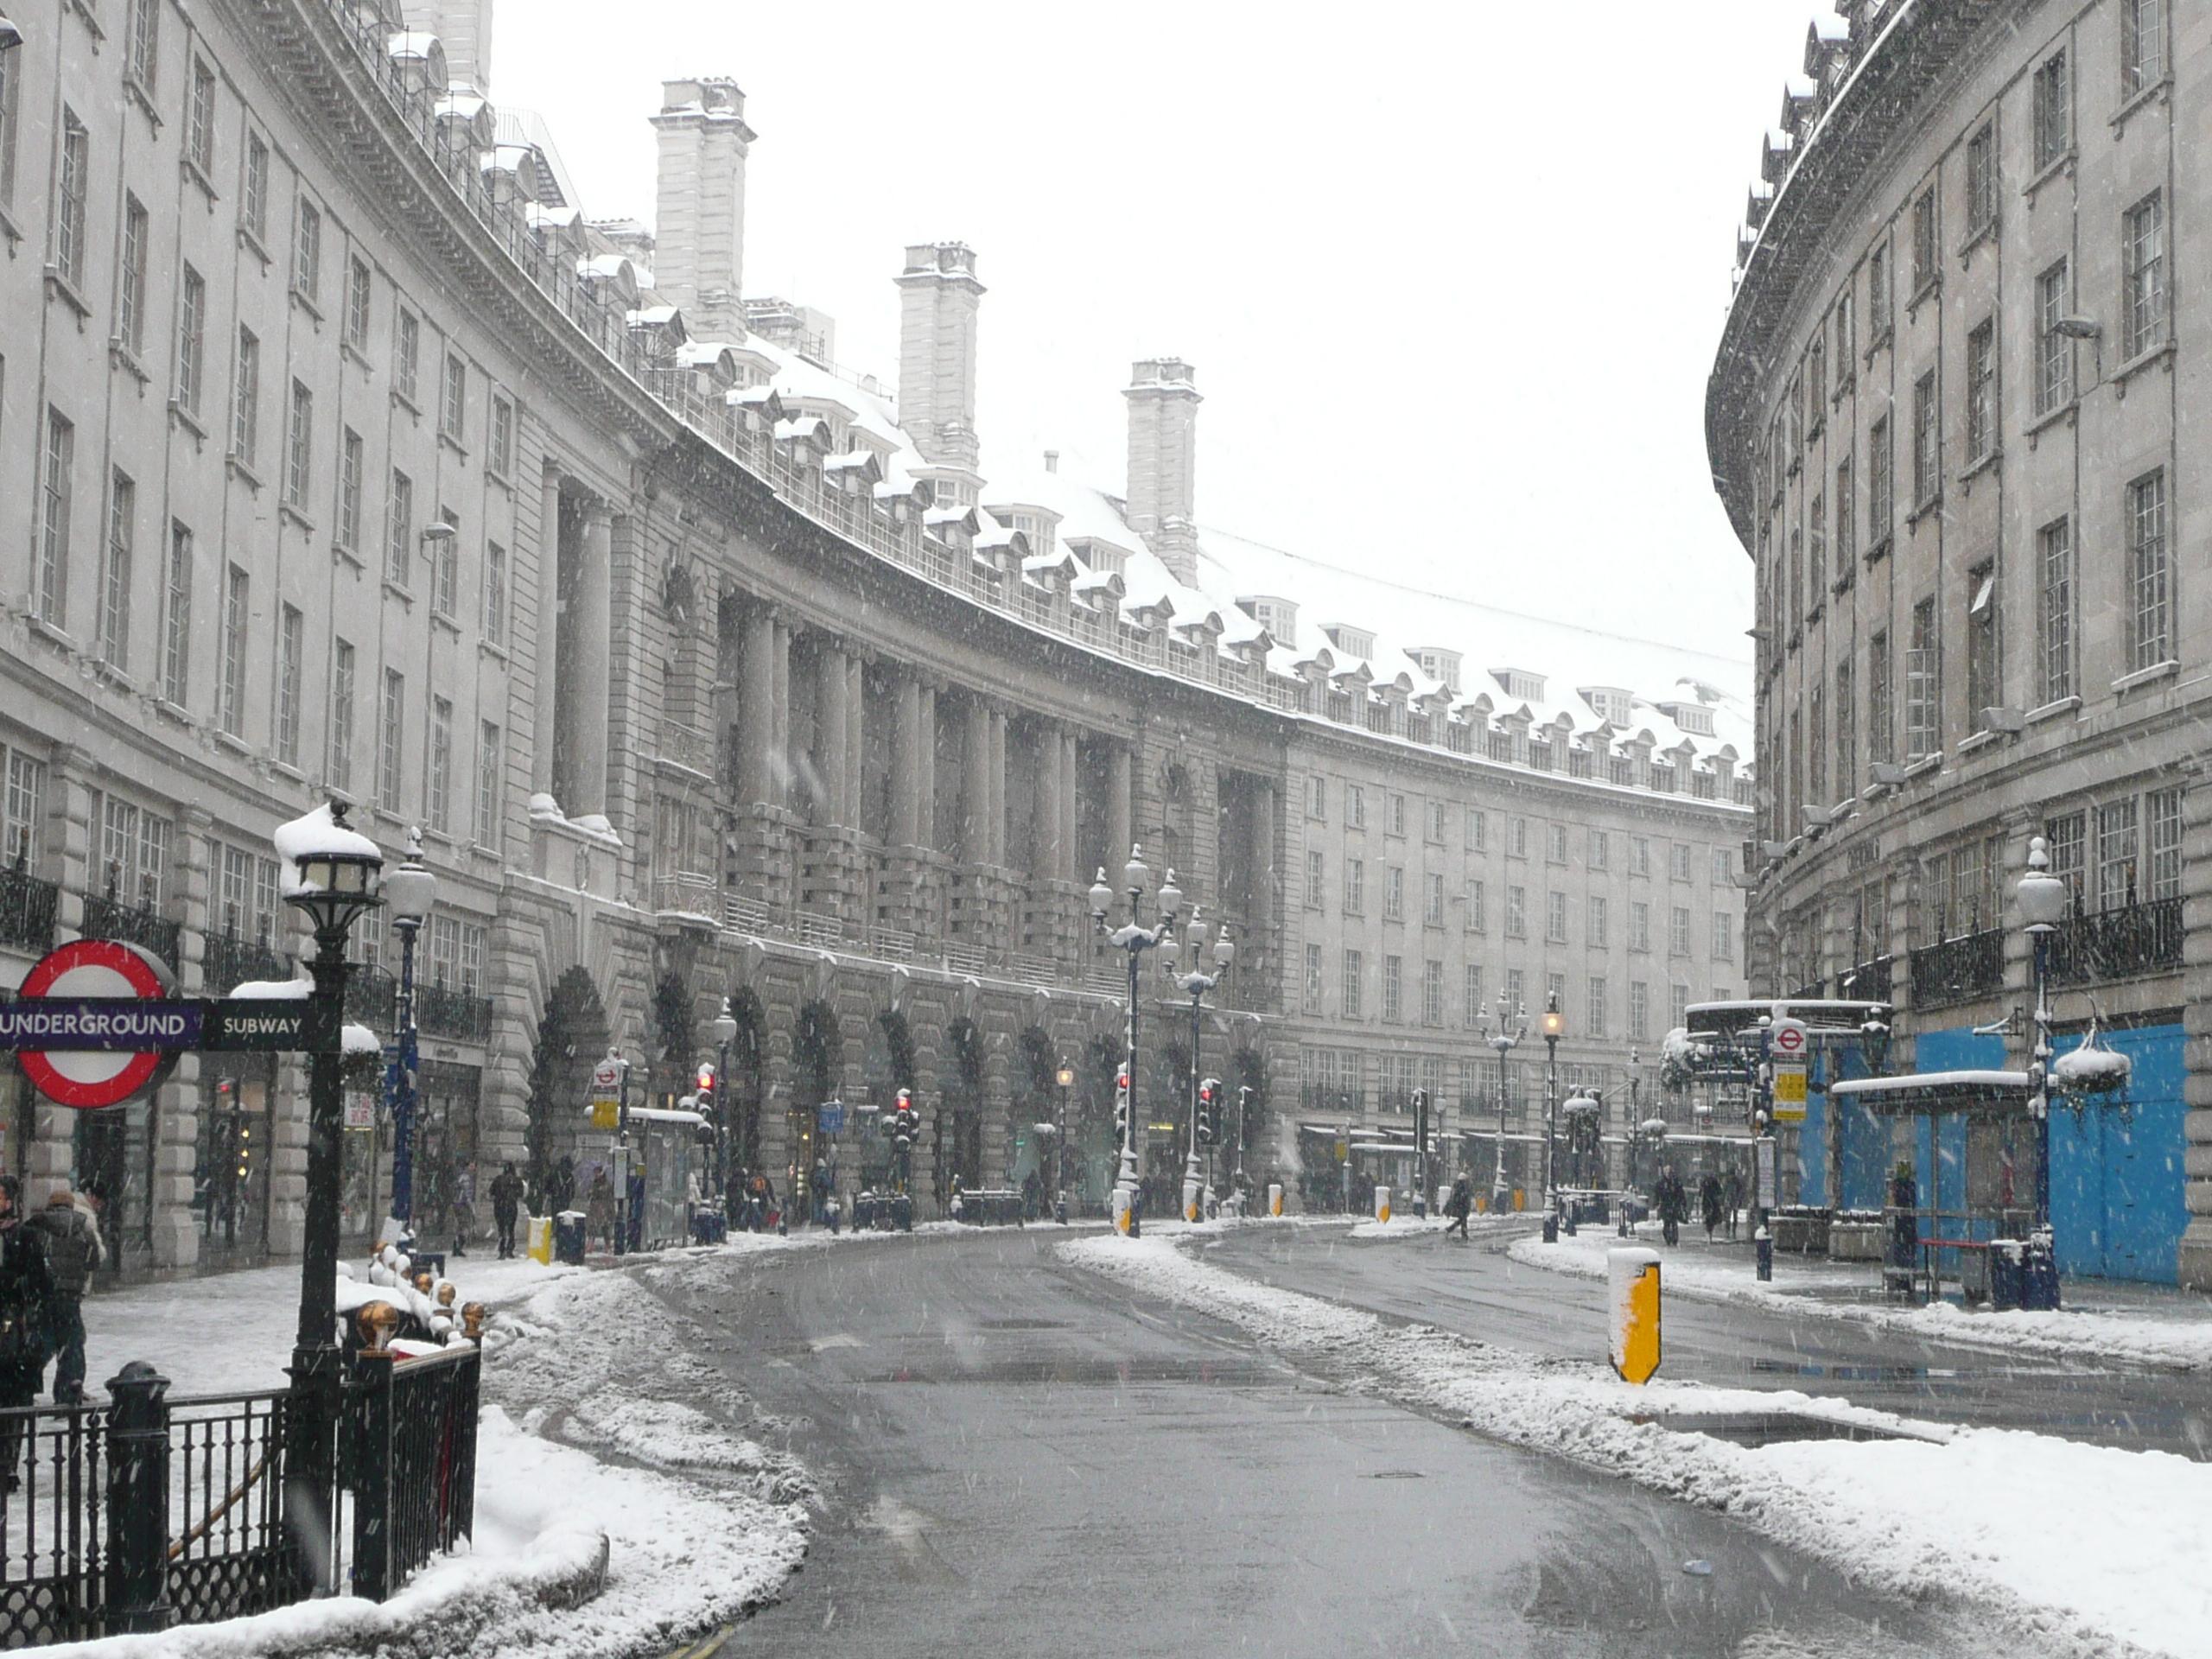 London Winter Wallpaper in London Regent Street